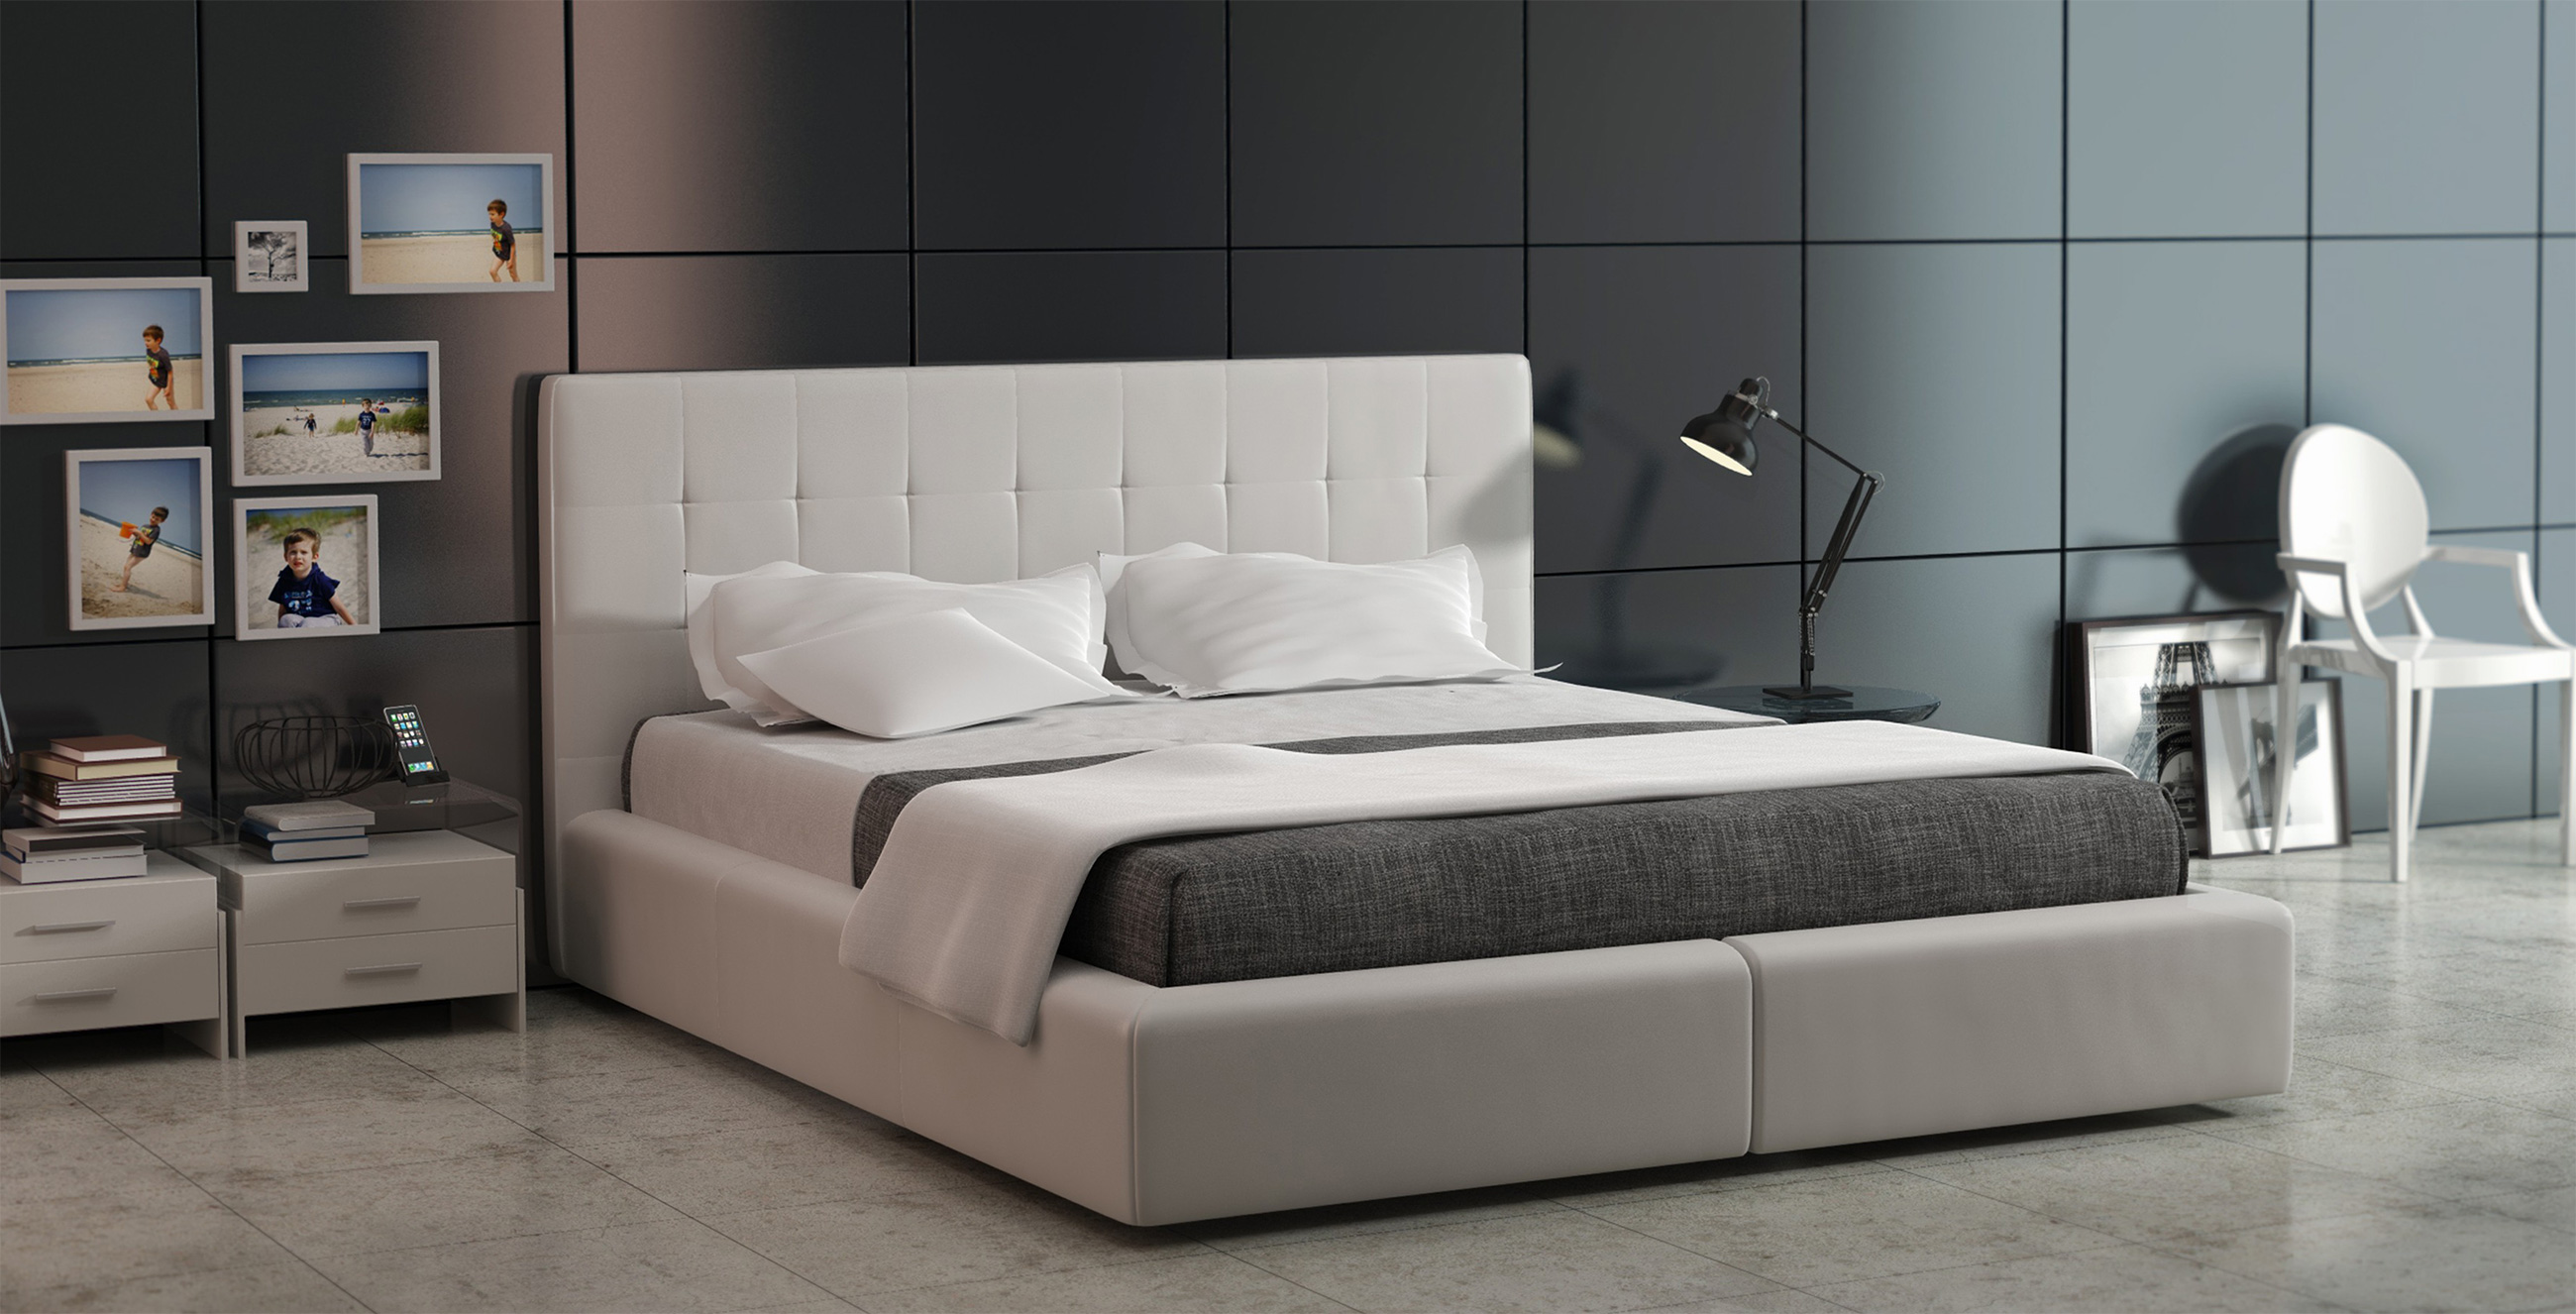 CORIDA - łóżko do sypialni, łóżko do nowoczesnej sypialni ...